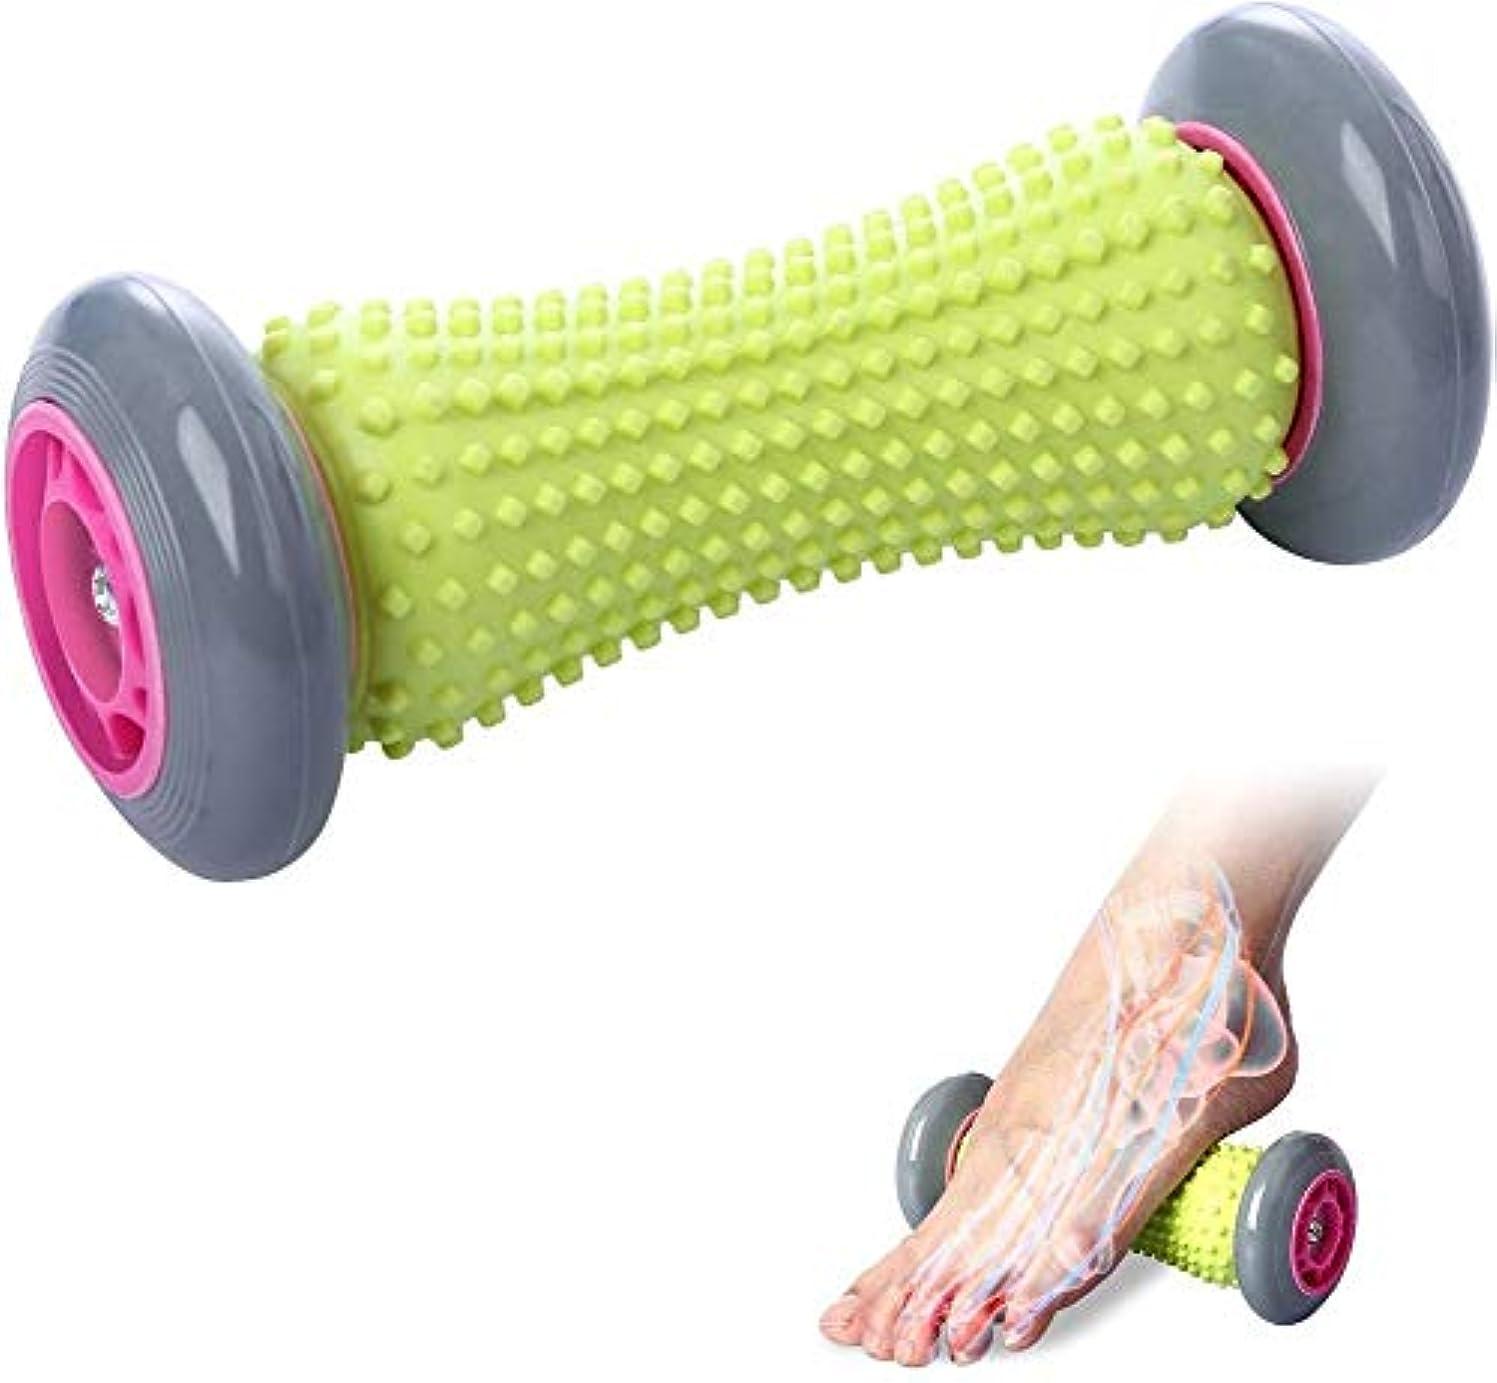 代名詞正午契約する背中の痛みとディープティシュトリガーポイント回復タイトな筋肉の手脚背中の痛みの治療足底筋膜炎リフレクソロジー筋筋膜指圧リリースのための足底筋膜炎足ローラーマッサージ